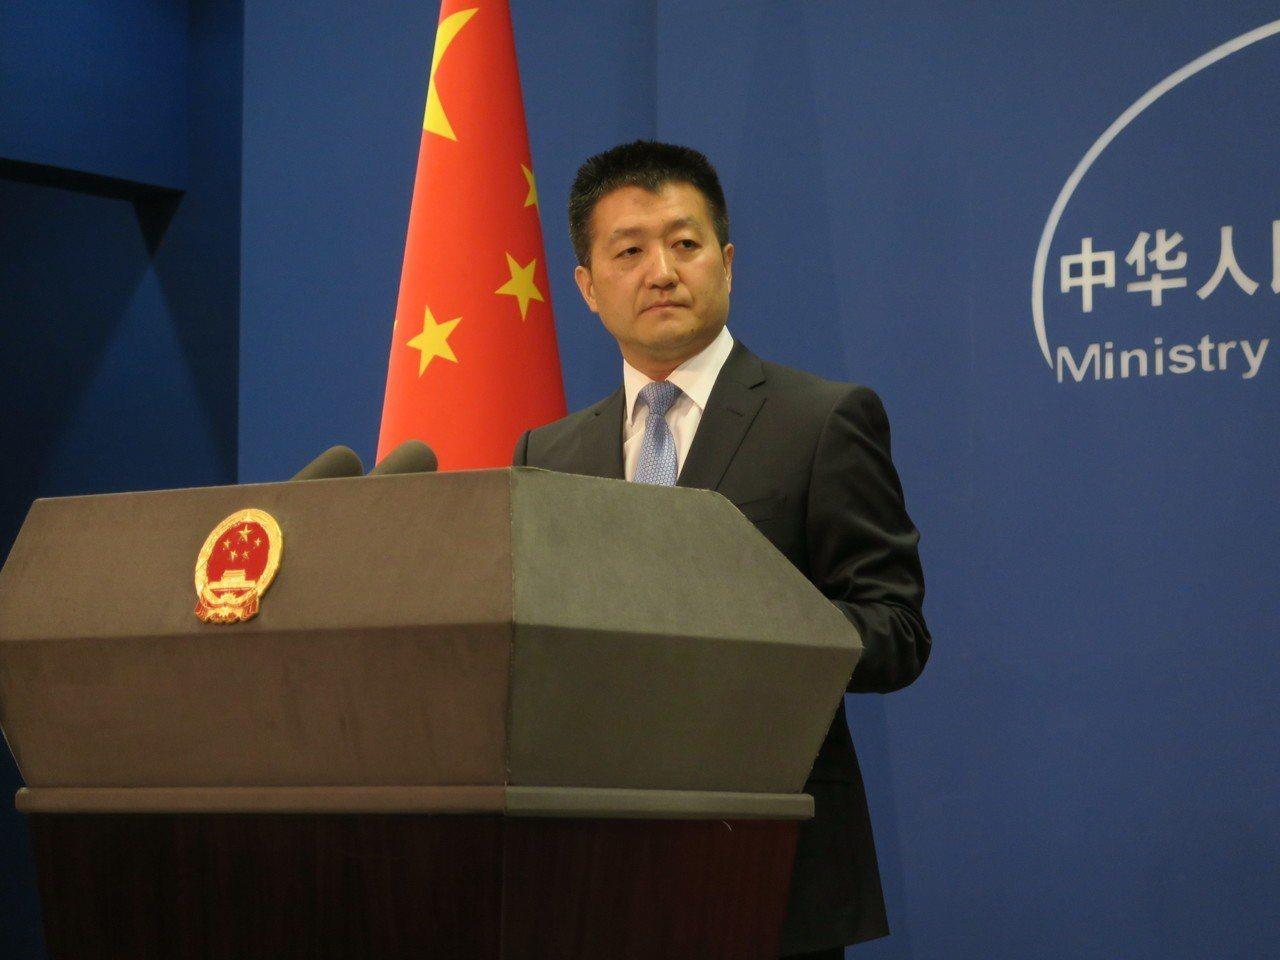 中共外交部發言人陸慷。(本報資料照片)